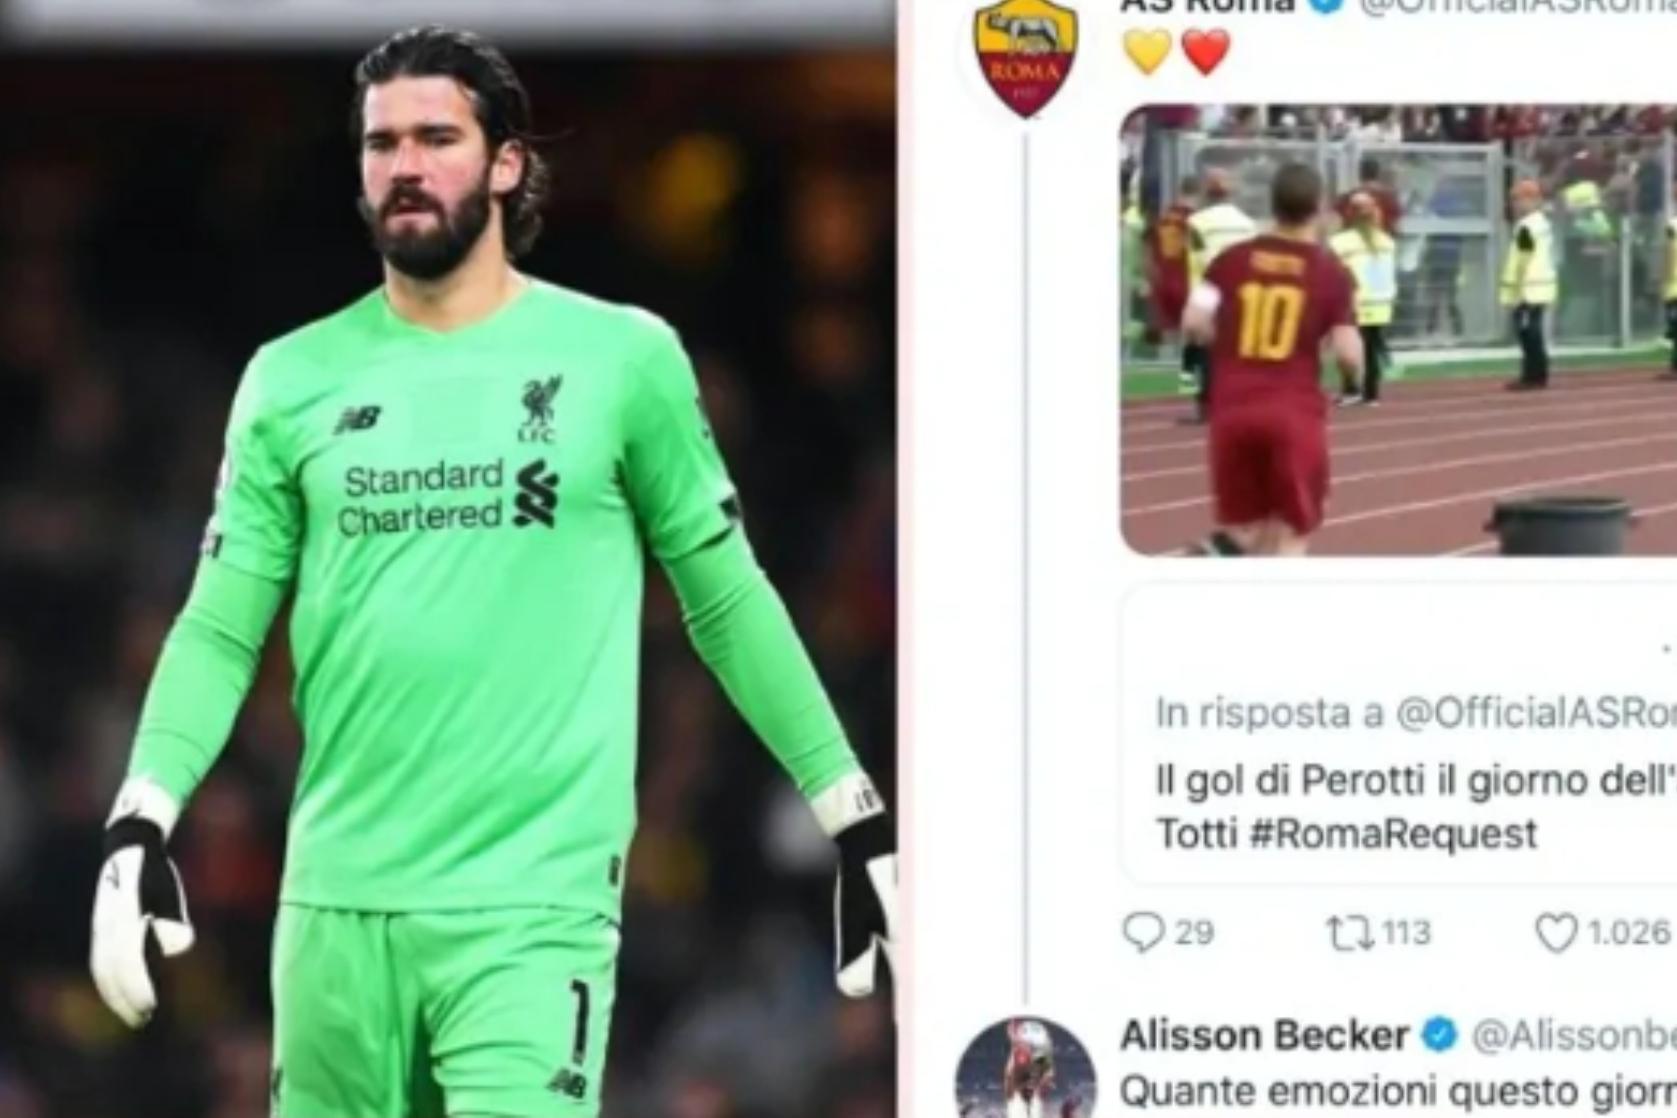 阿利森社交媒体回顾托蒂告别,罗马球迷:那就回家吧-今球app官网